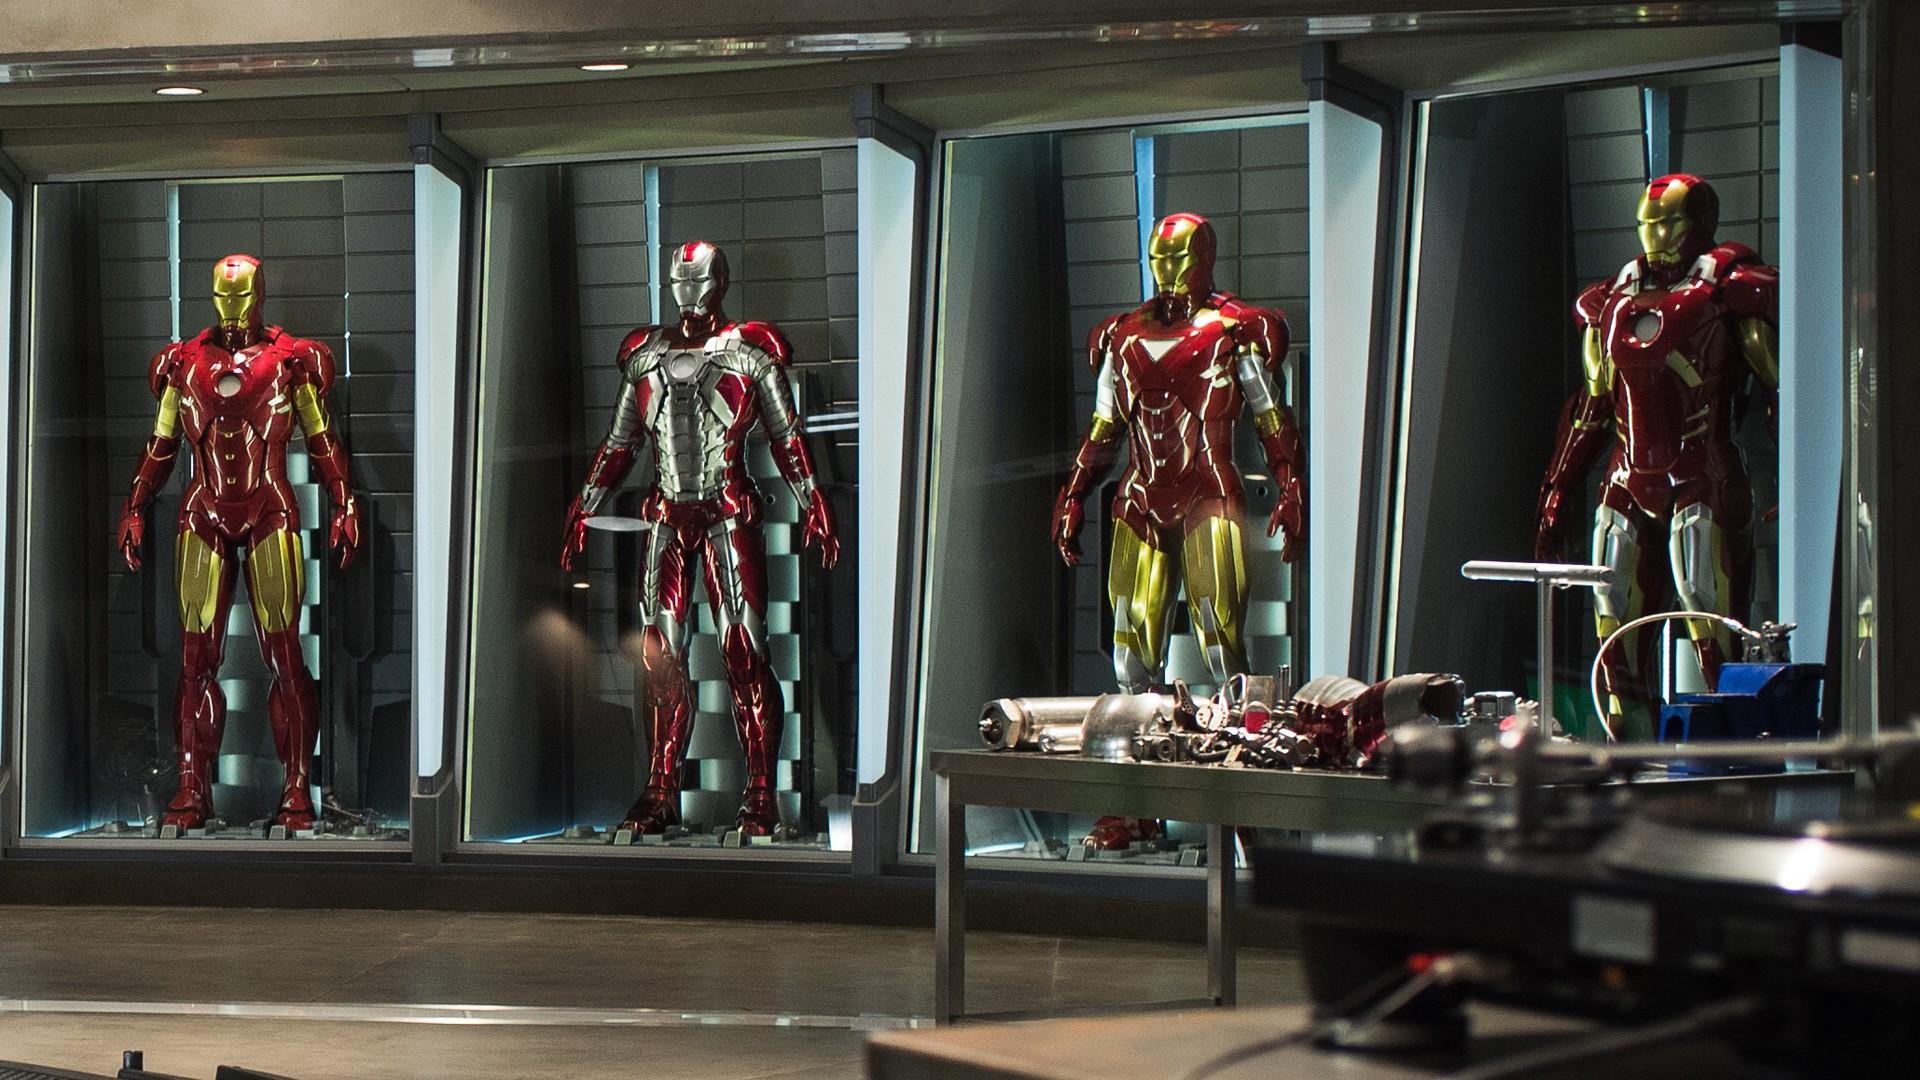 Iron Man armaduras de Tony Stark. Fondo virtual gratuito para Zoom, Microsoft Teams, Skype, Google Meet, WebEx o cualquier otra aplicación compatible.